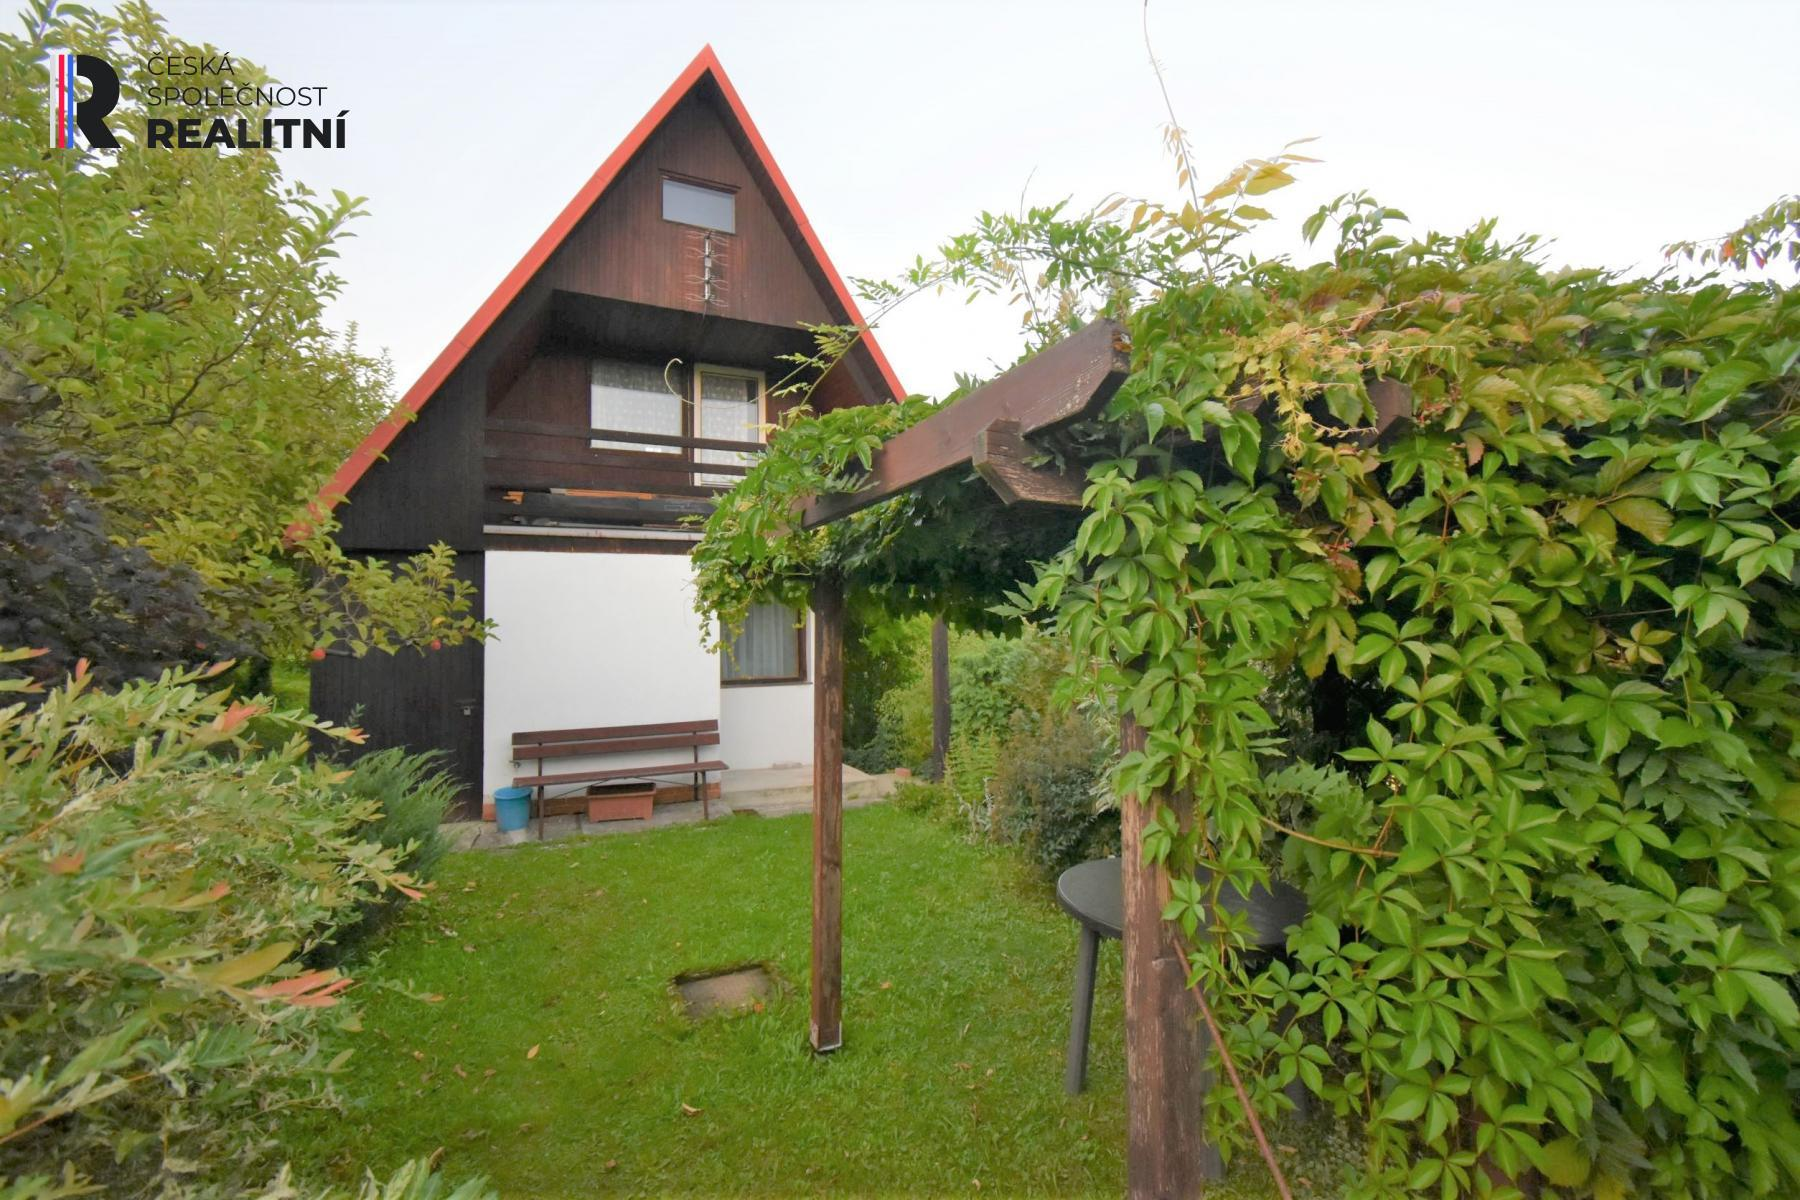 Prodej chaty 18 m2, pozemek 384 m2, celková plocha 402 m2